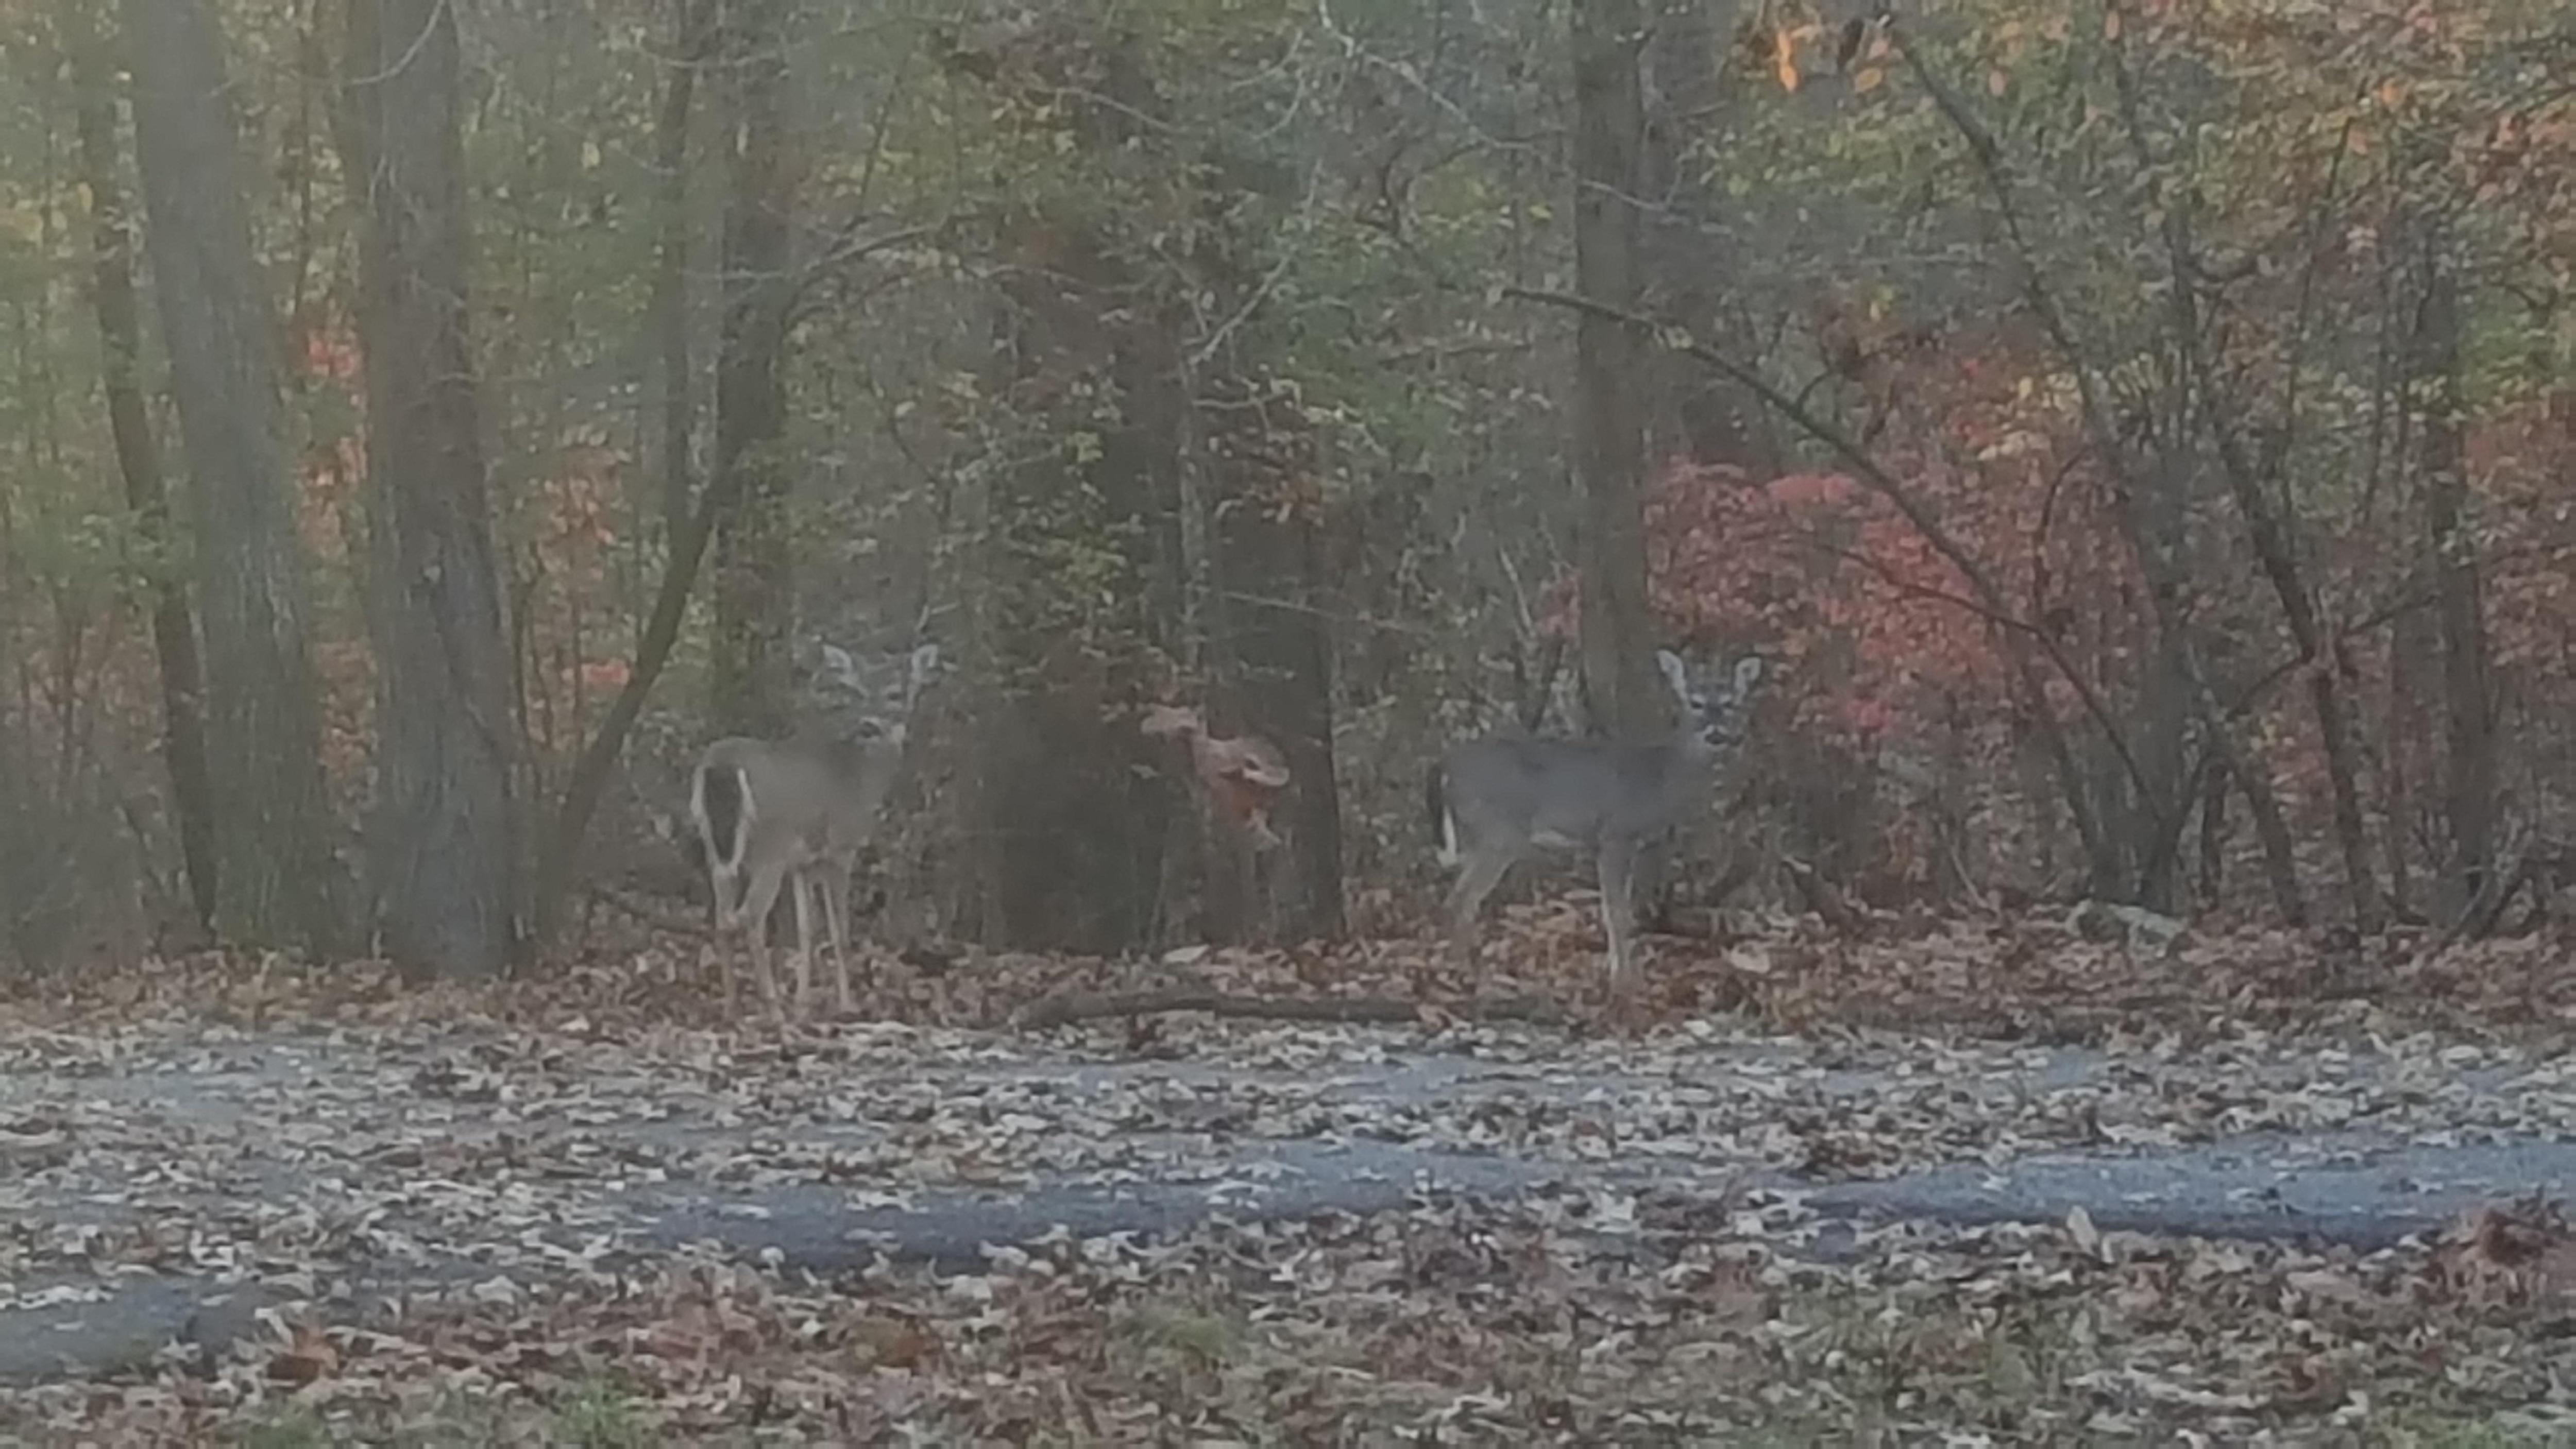 Eairly morning visitors